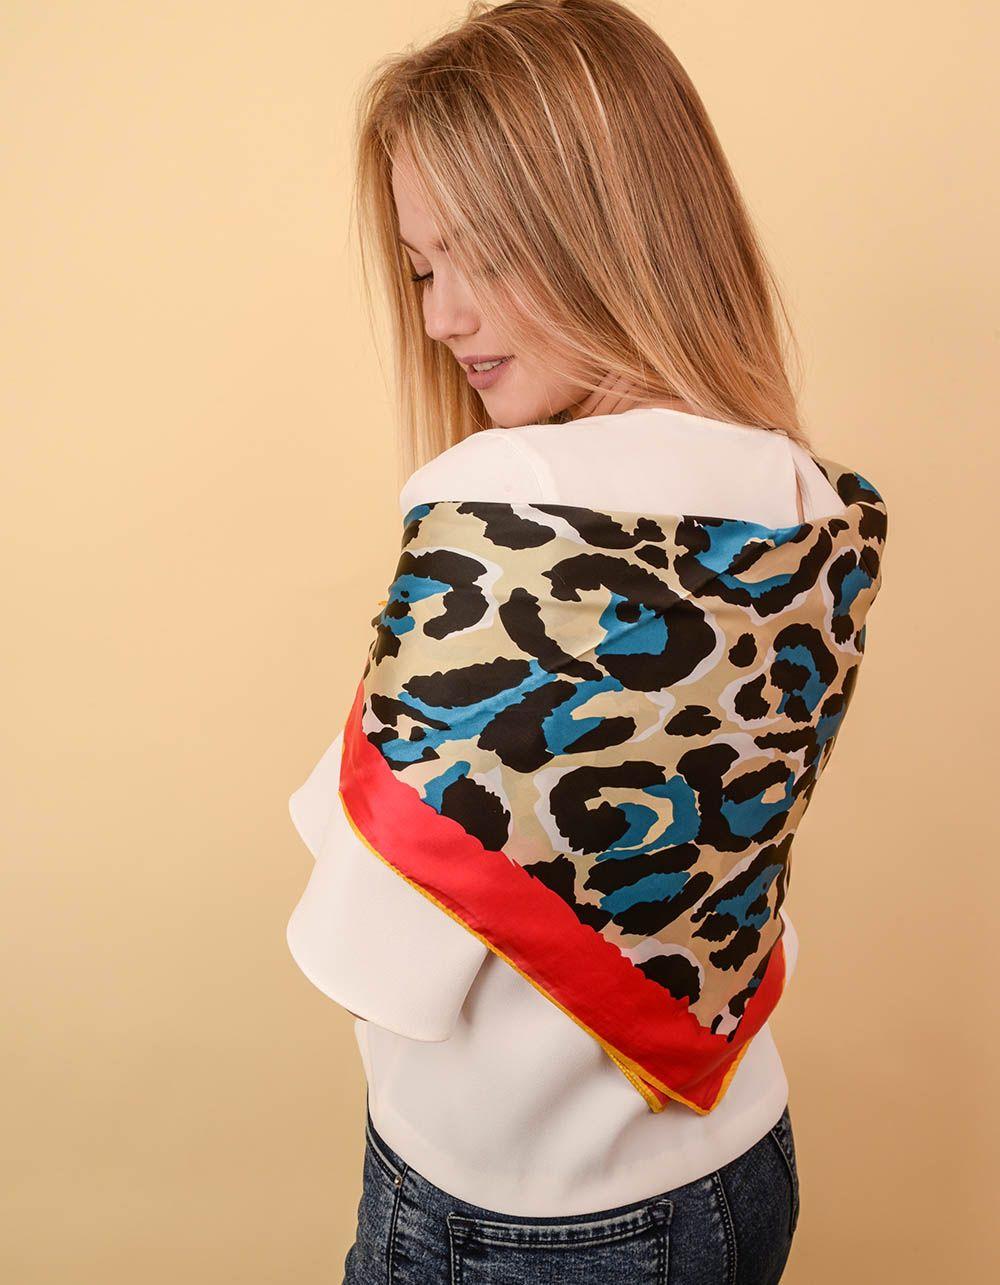 Хустка з леопардовим принтом   238626-21-XX